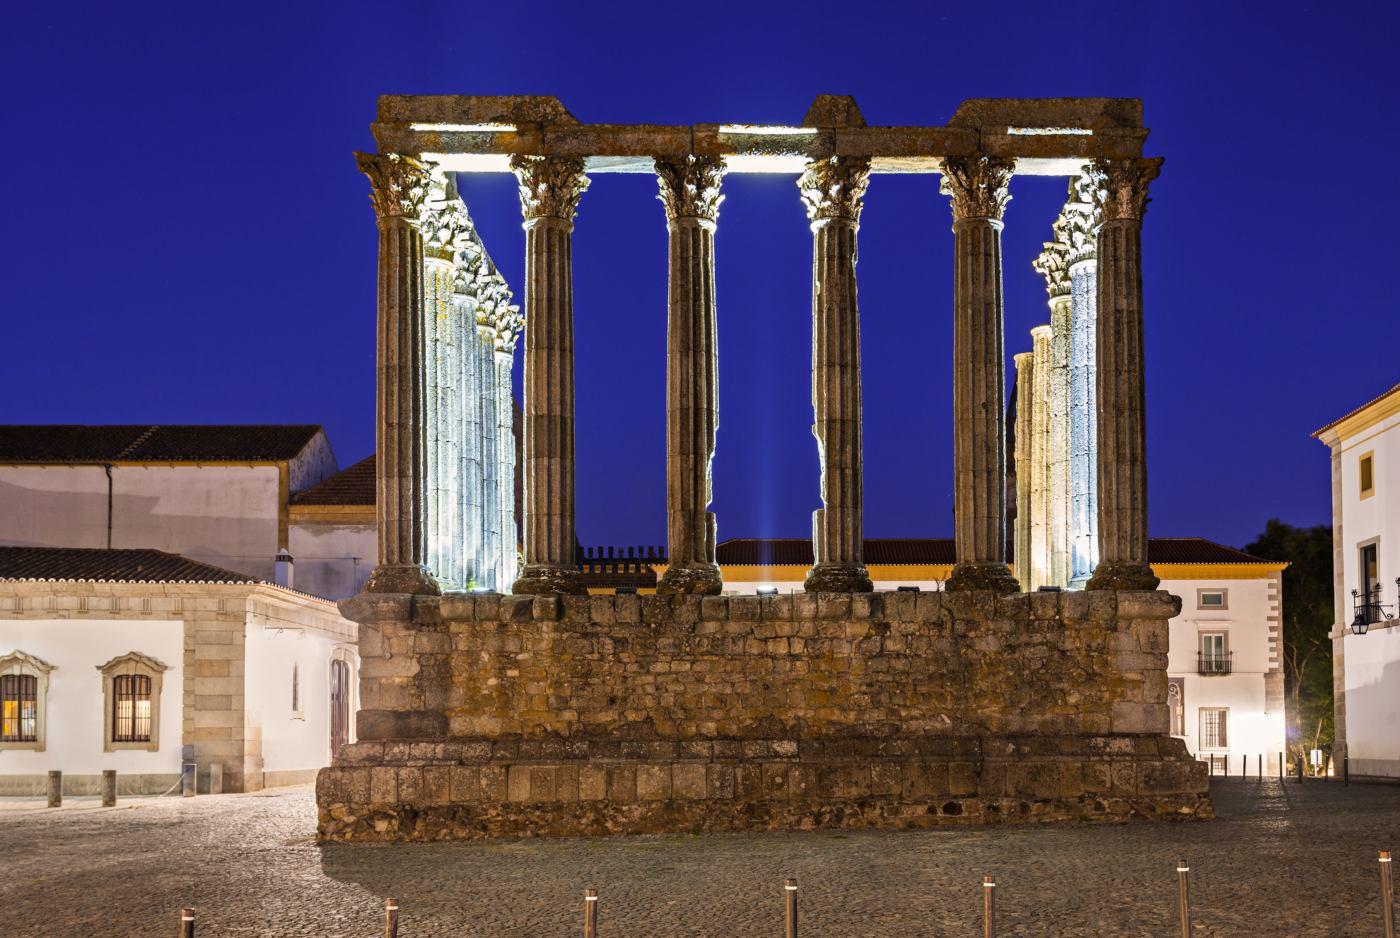 Templo romano em Évora